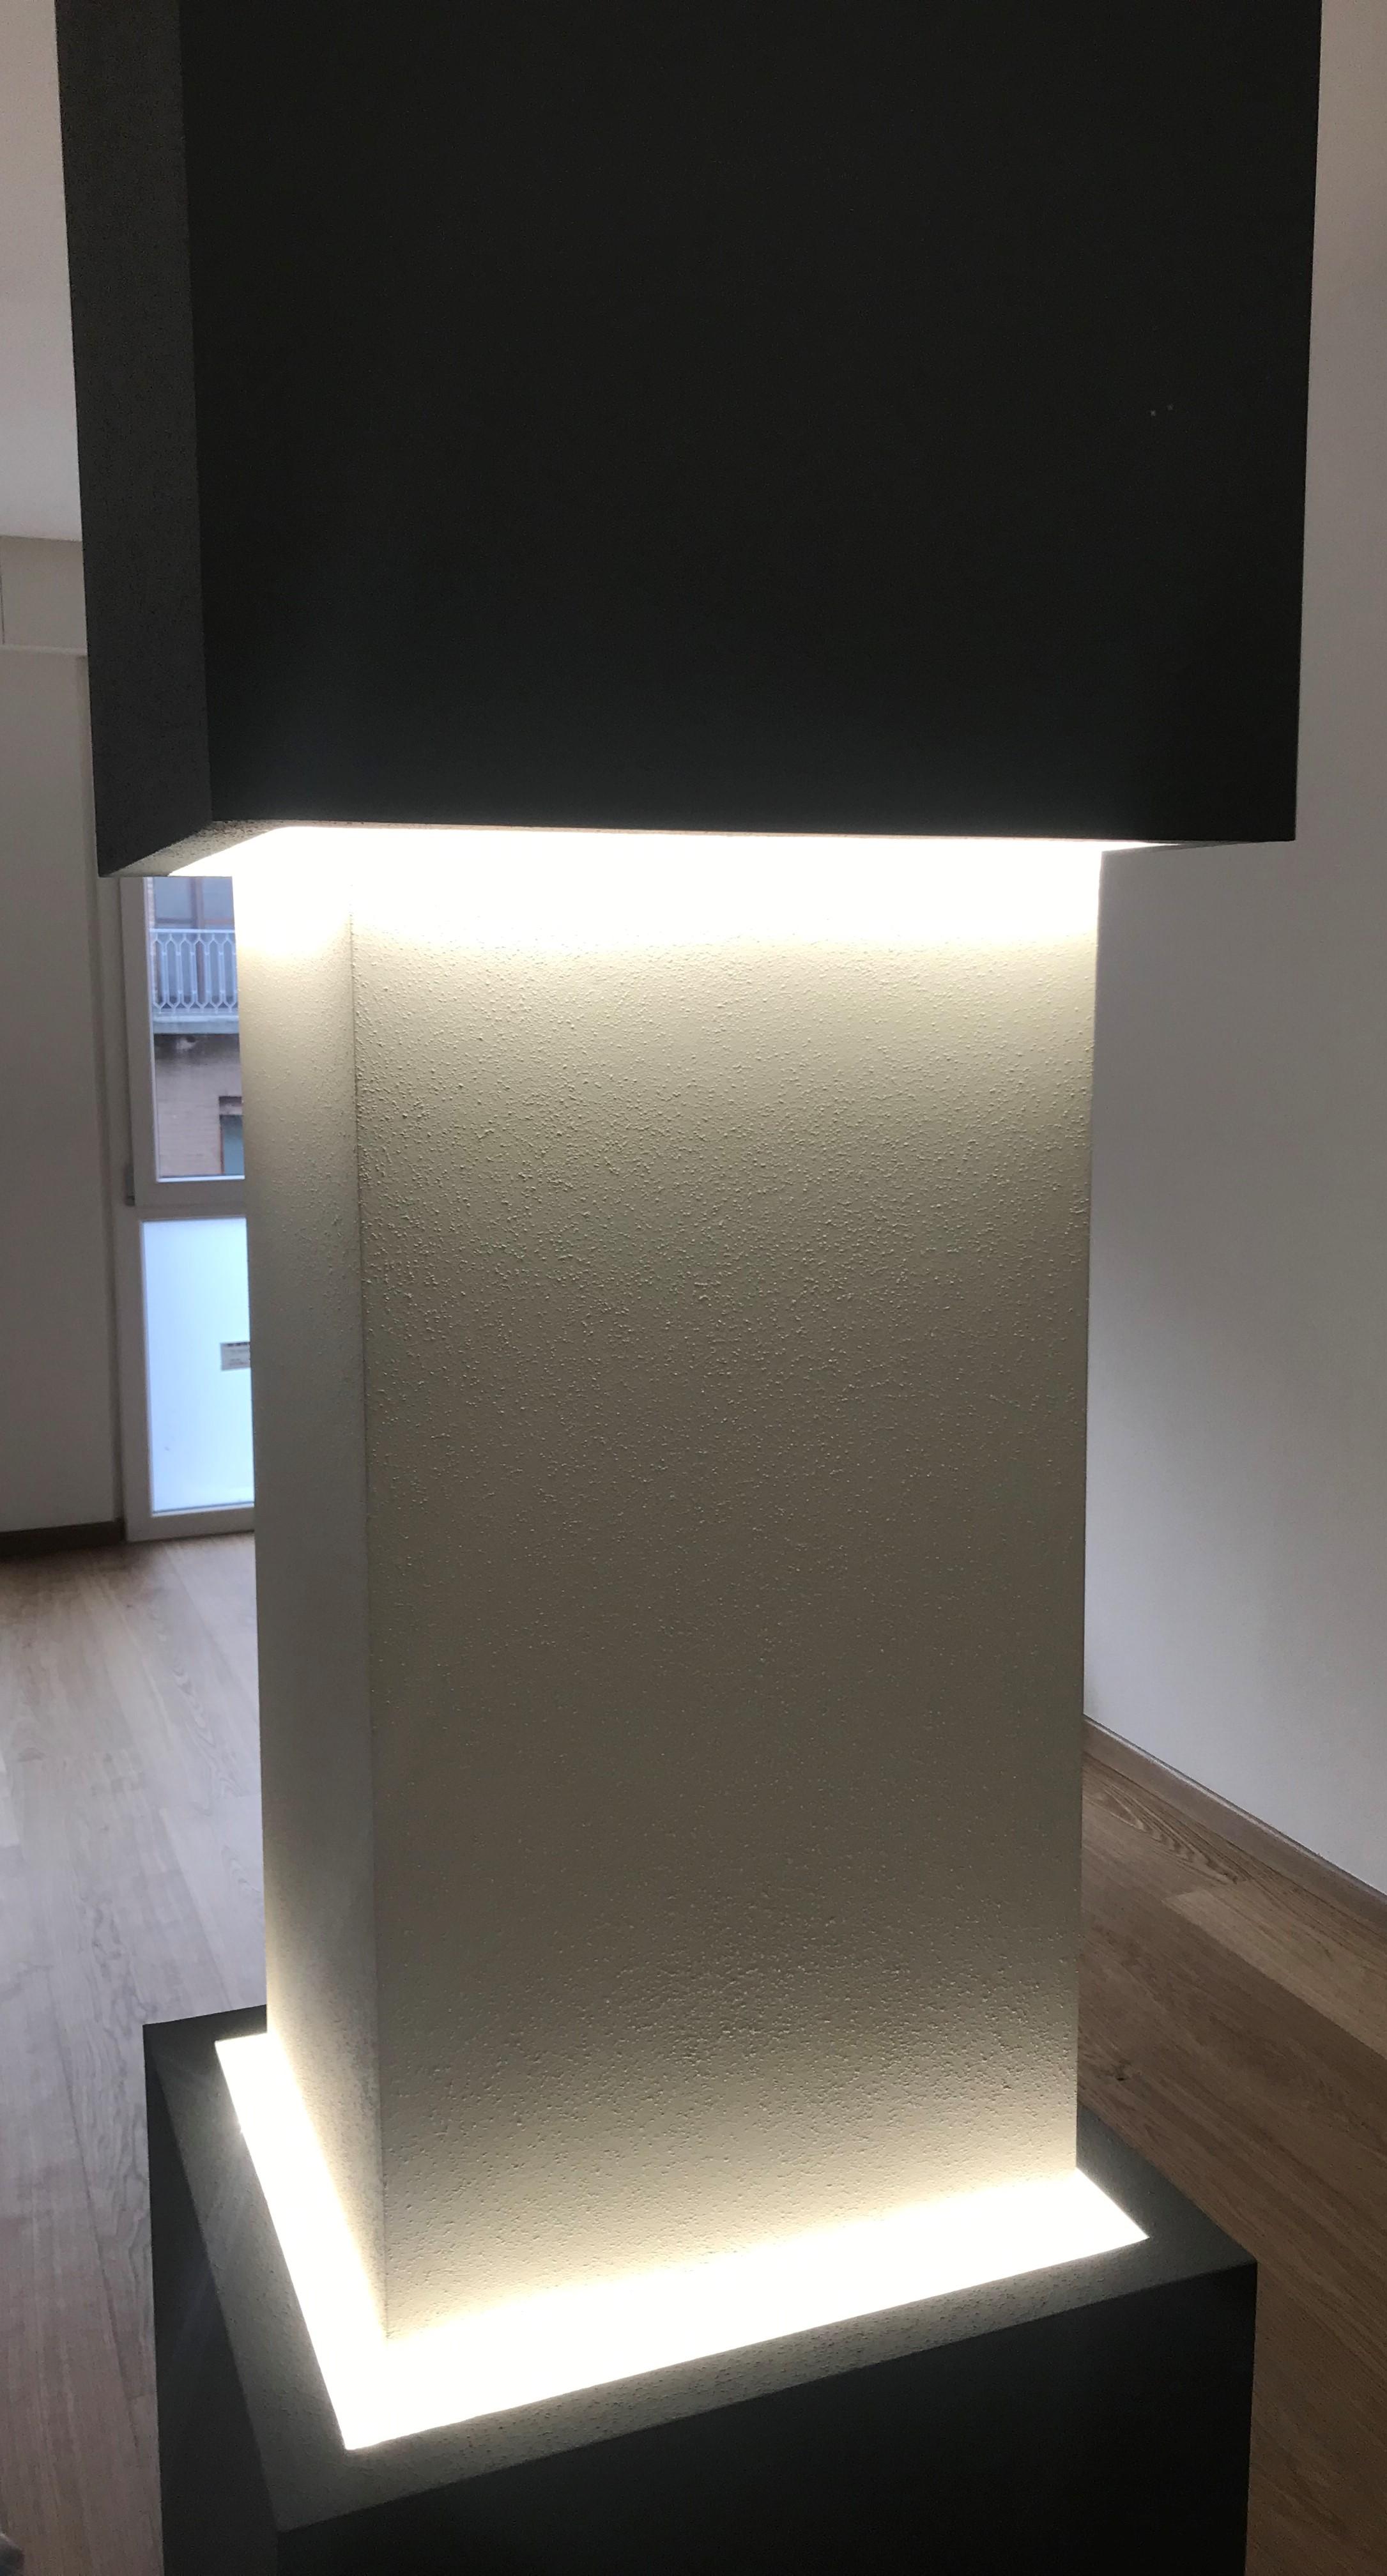 Colonna rivestita e illuminata. Questo è, forse, una dei modi migliori per valorizzare una colonna che, di solito, viene vista come un problema all'interno di un ambiente. In questo caso un semplice rivestimento con un tocco di luce ha creato un effetto di design spettacolare.